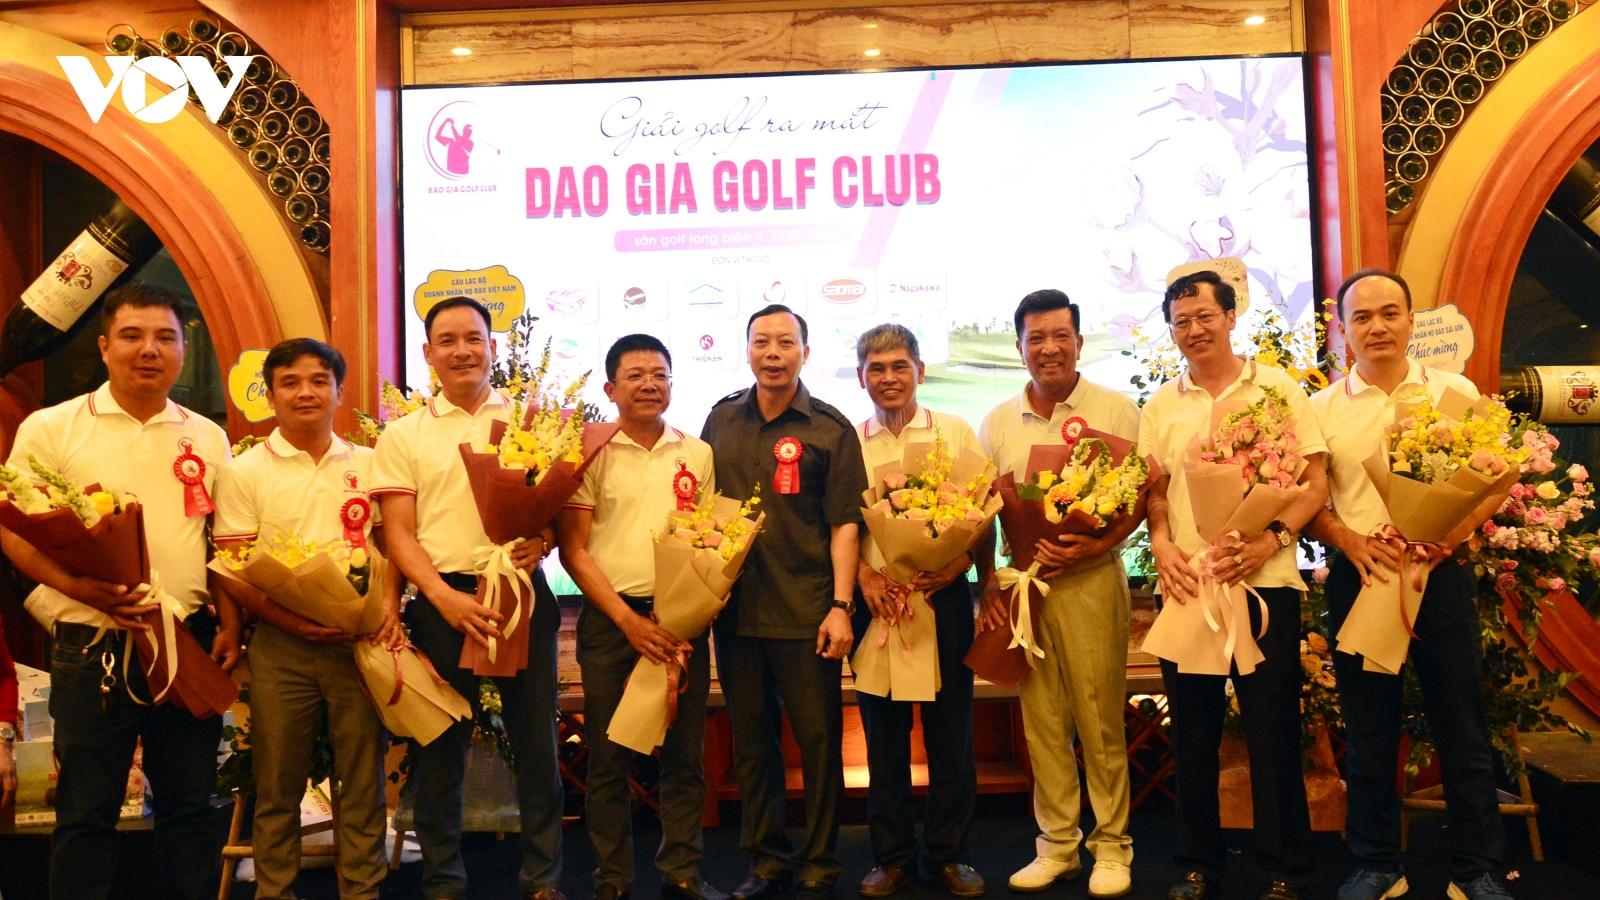 Giải Golf Cup Đào Gia lần I năm 2020: Nơi kết nối đam mê, tình đoàn kết